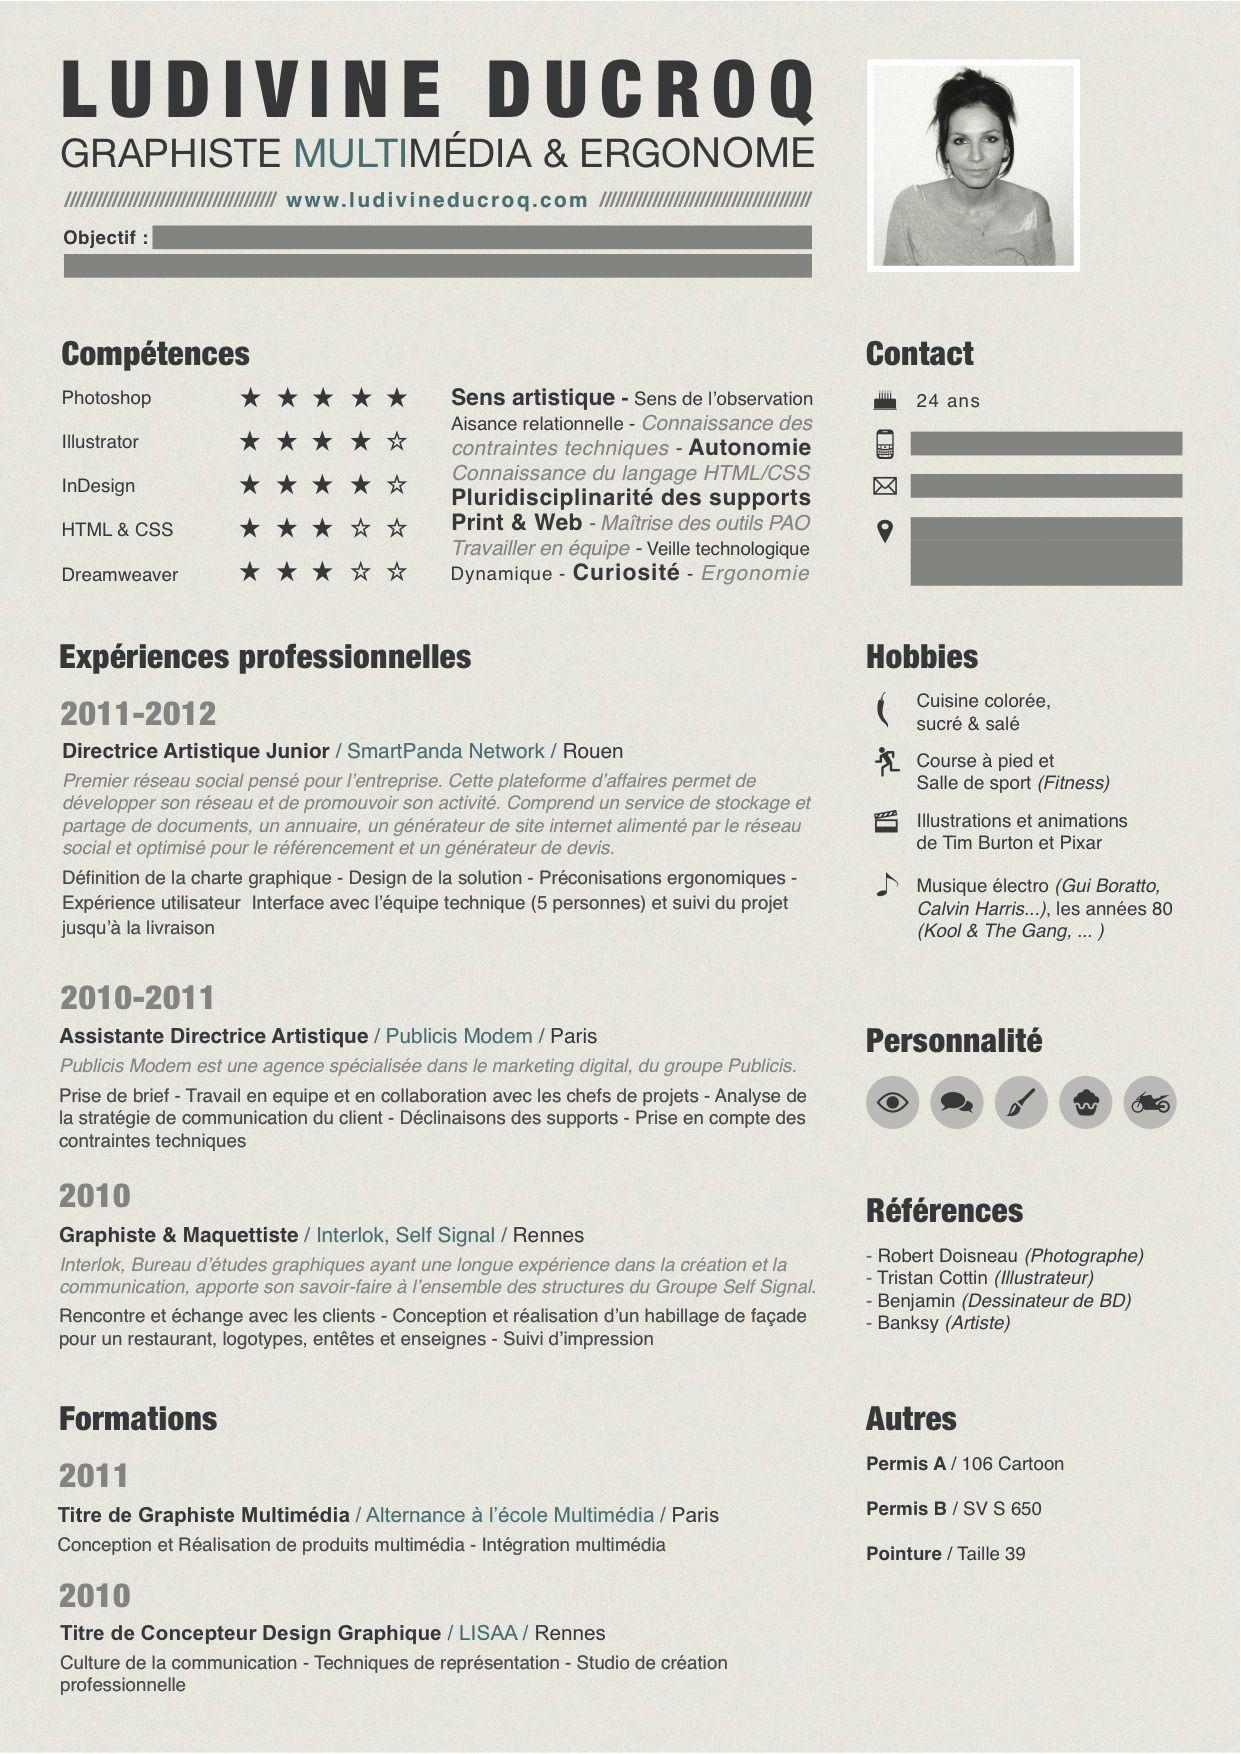 Curriculum Vitae Graphiste Multimedia Webdesigner Ludivine Ducroq Curriculum Vitae Curriculum Resume